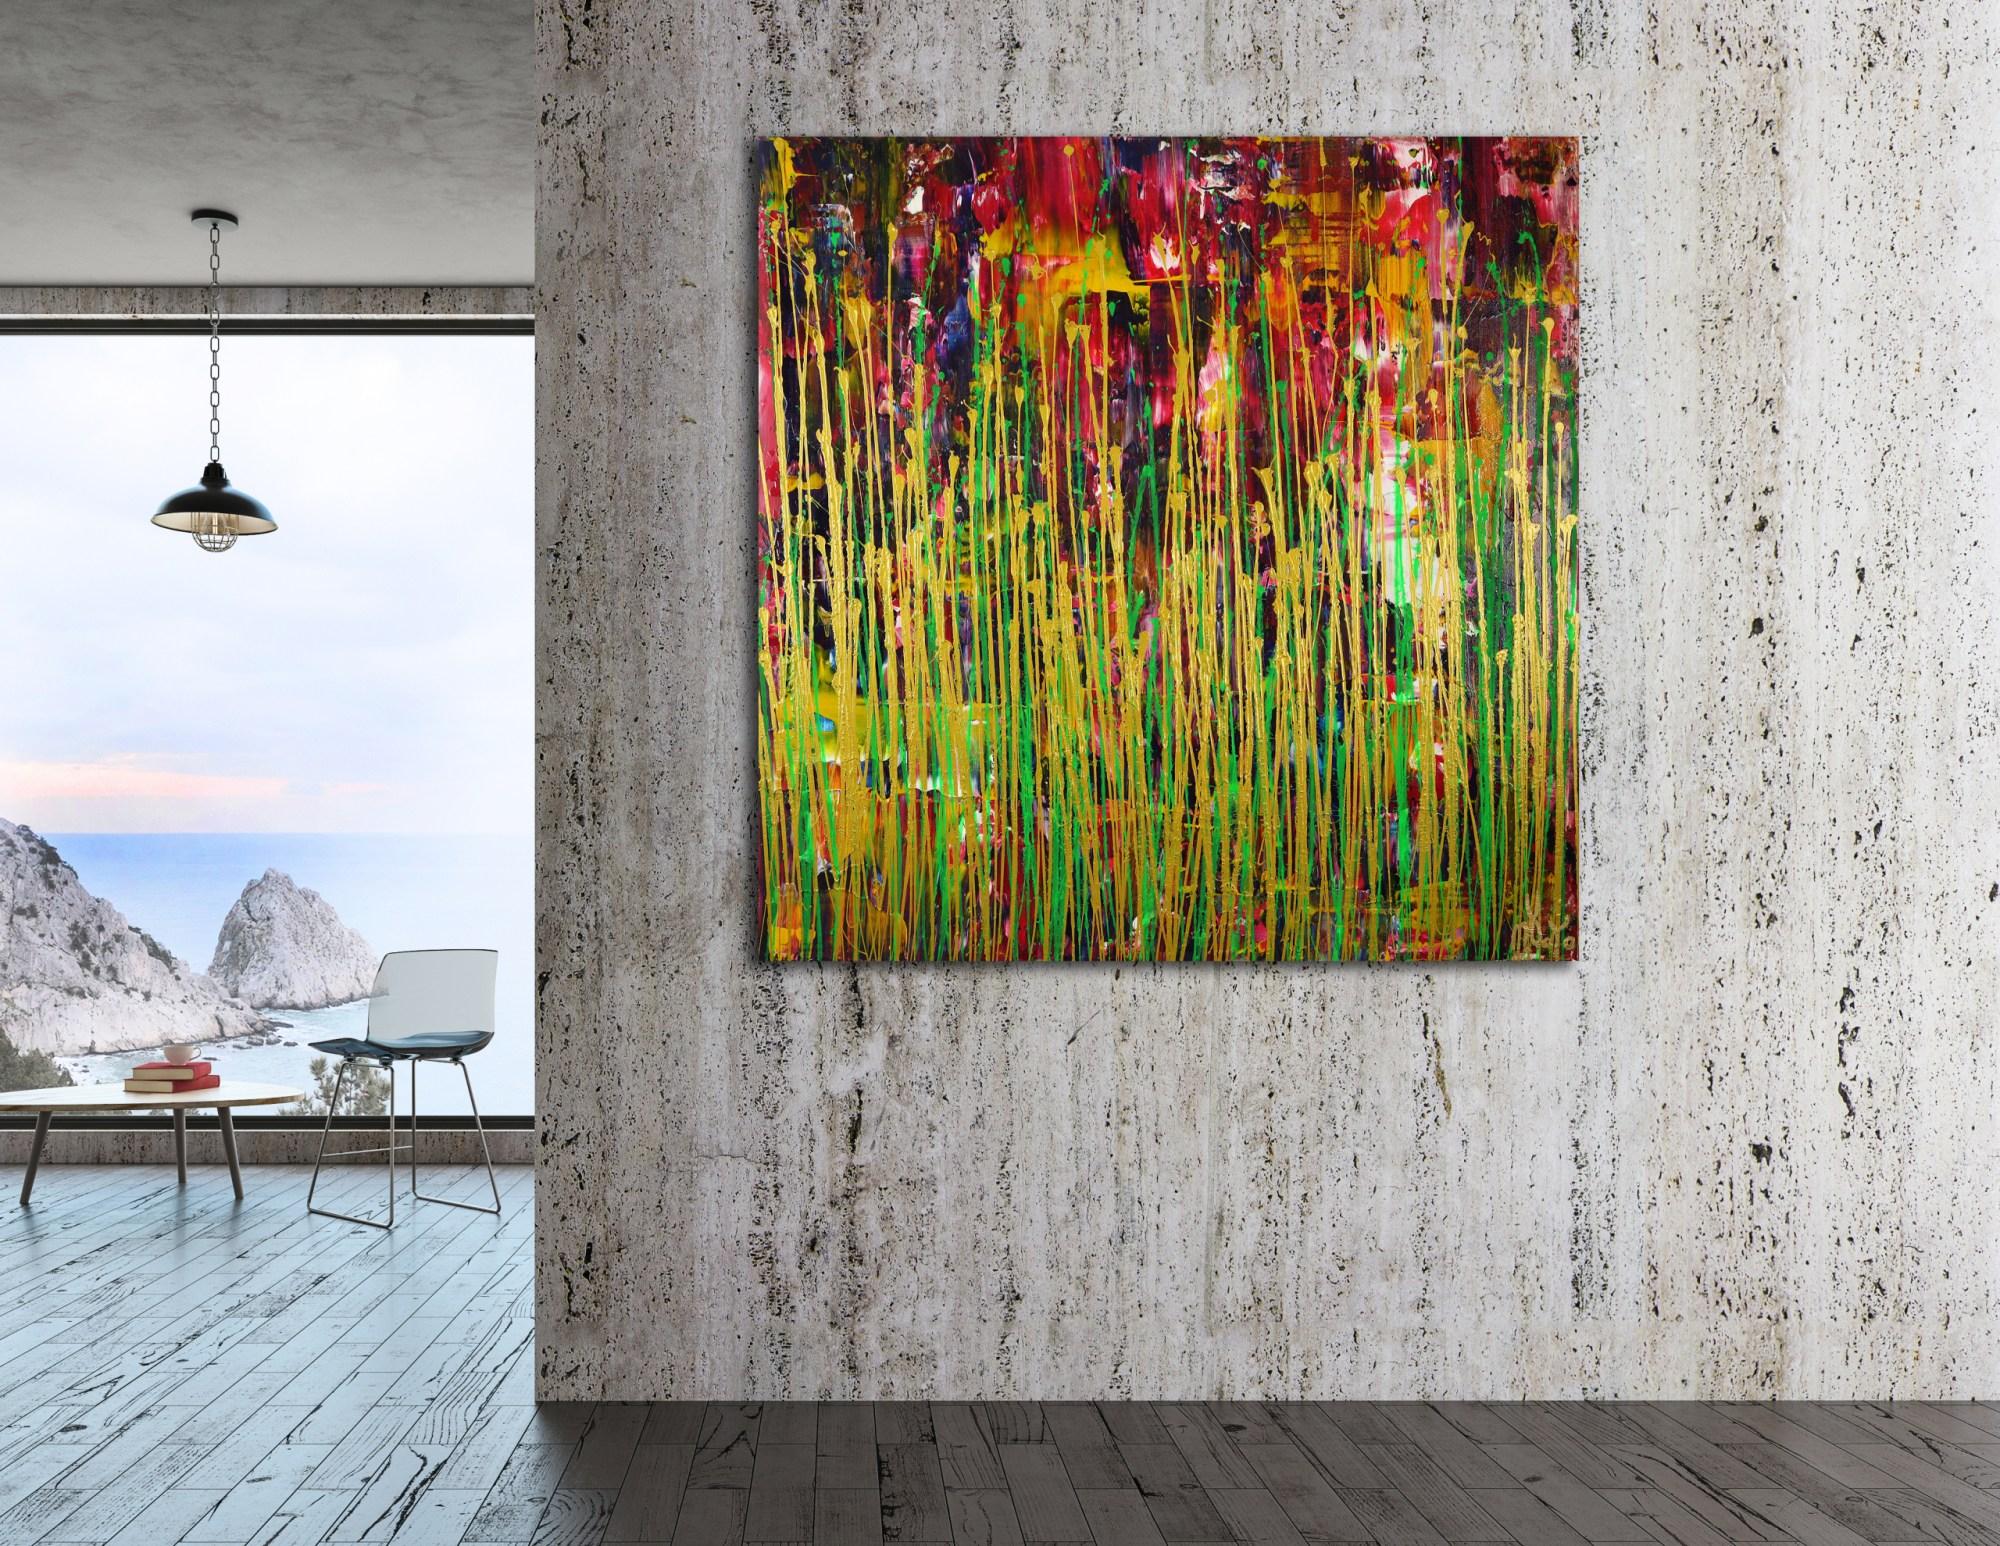 Daydream Panorama (Natures Imagery) 34 (2021) / Room example / Artist: Nestor Toro